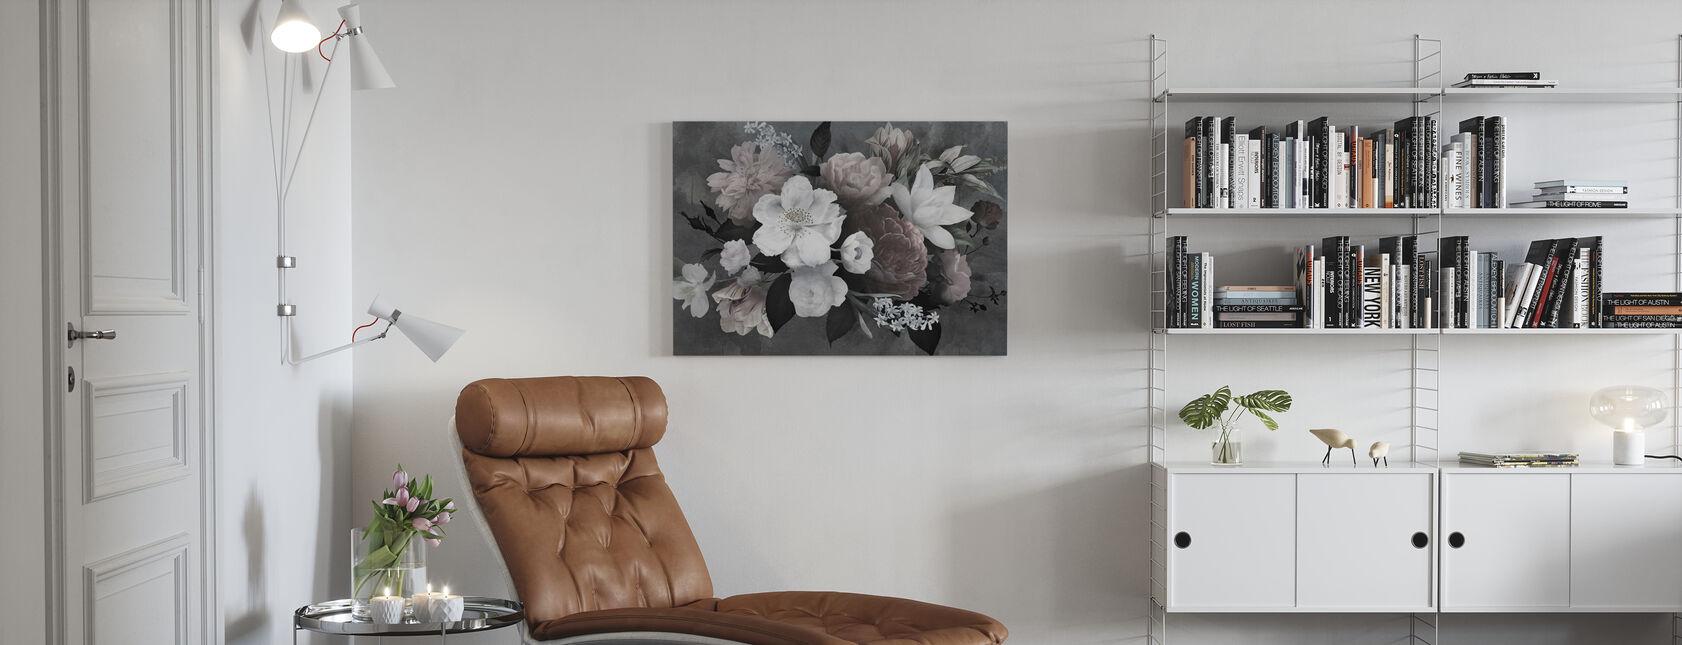 Vintage Blomster - Billede på lærred - Stue